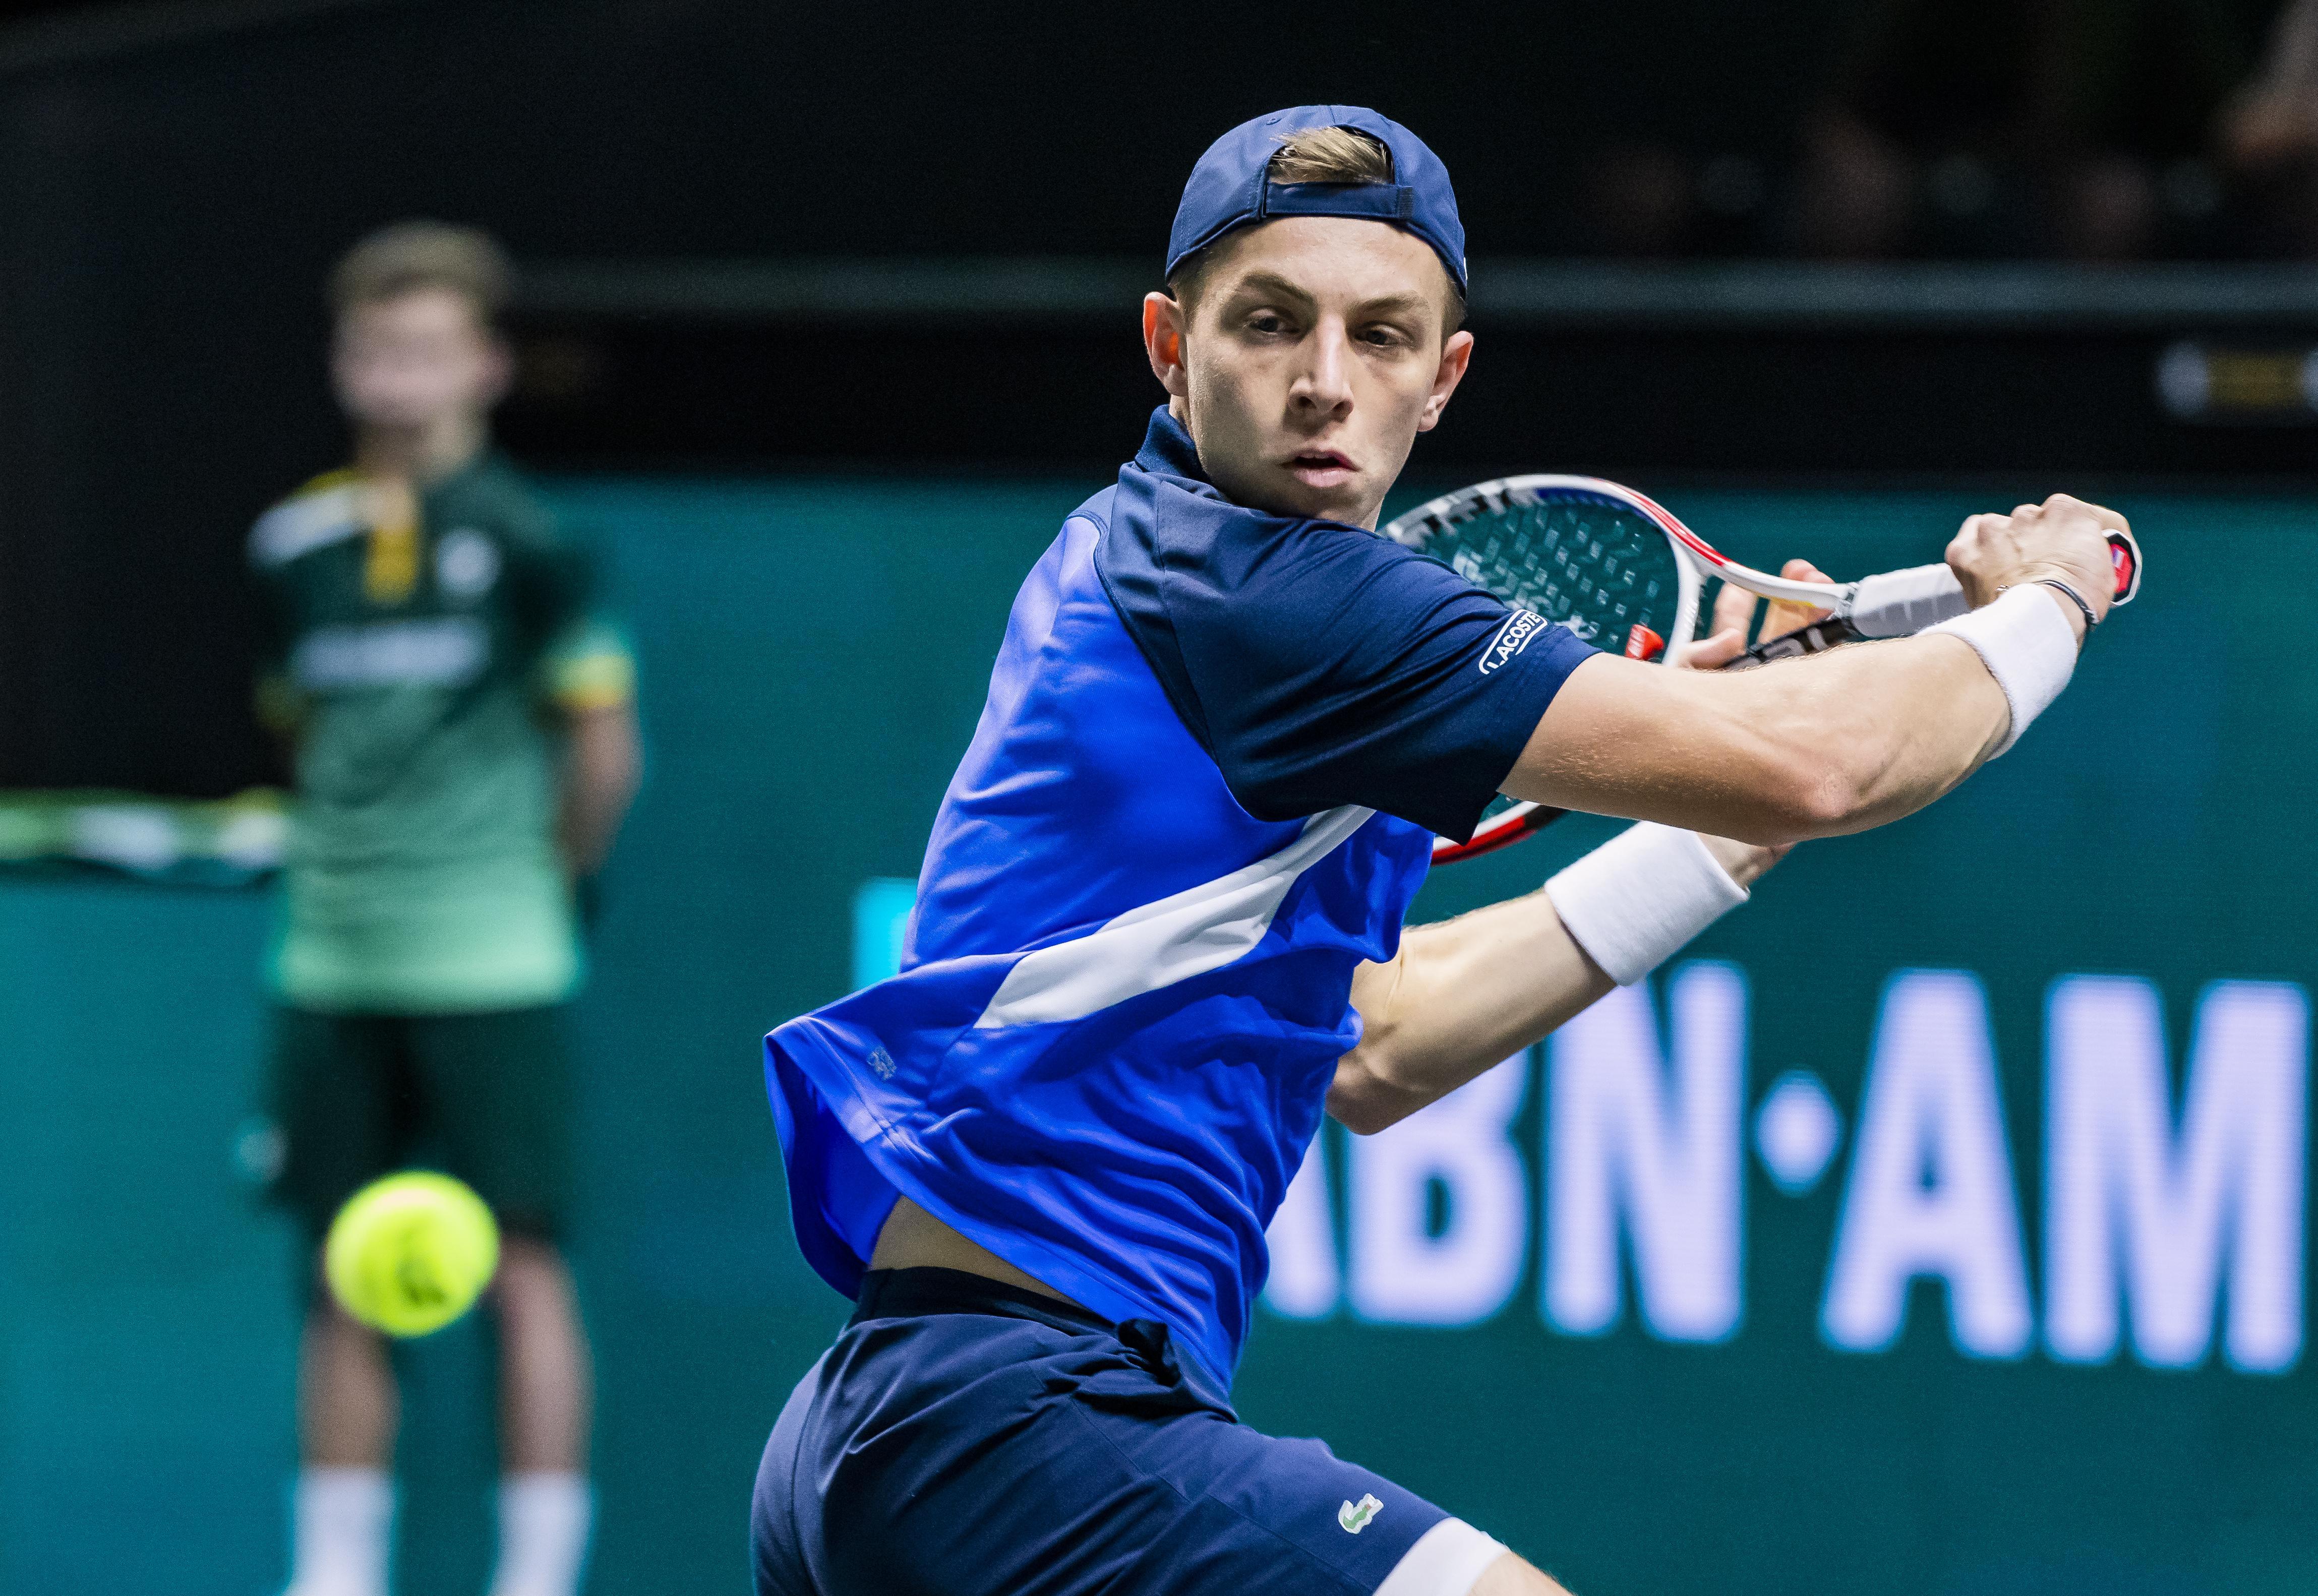 Tennisser Griekspoor naar finale challengertoernooi in Bratislava